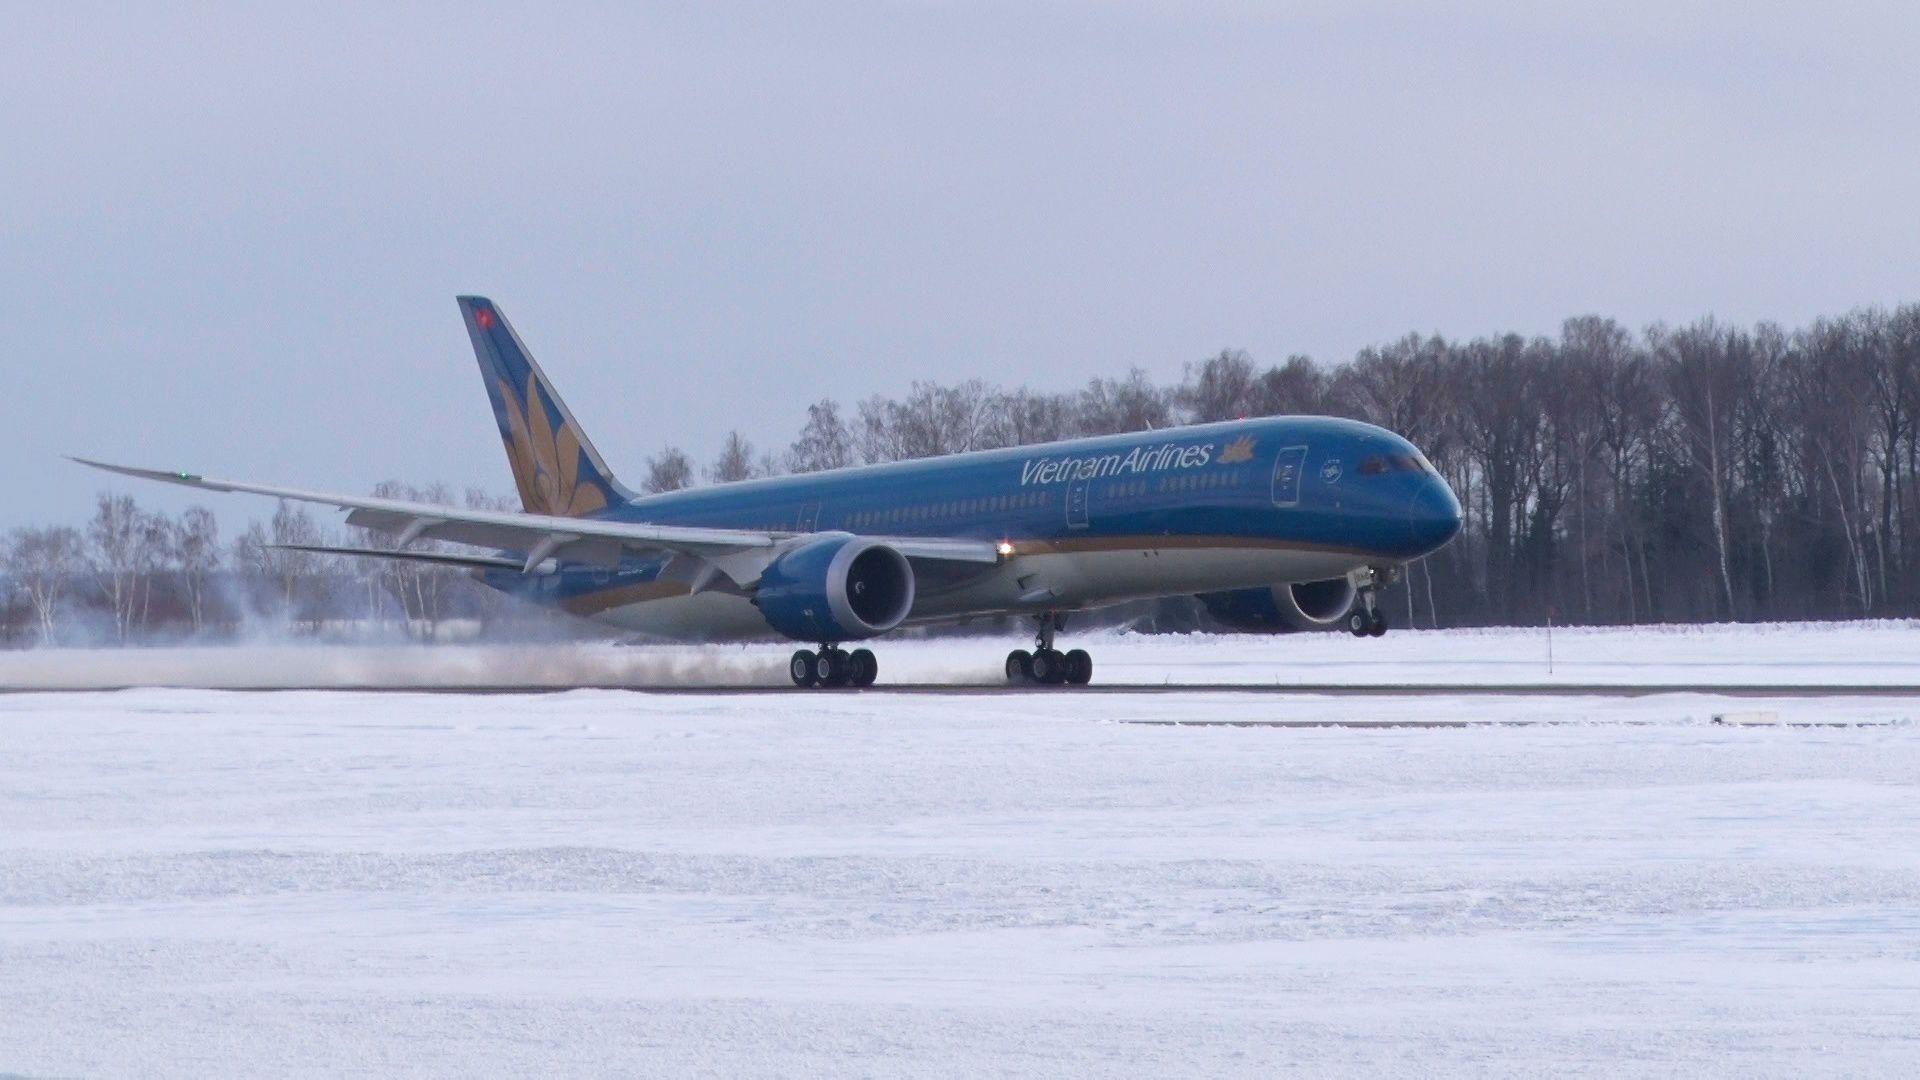 Máy bay Vietnam Airlines từ Hà Nội đi Nga hạ cánh khẩn cấp tại Ấn Độ